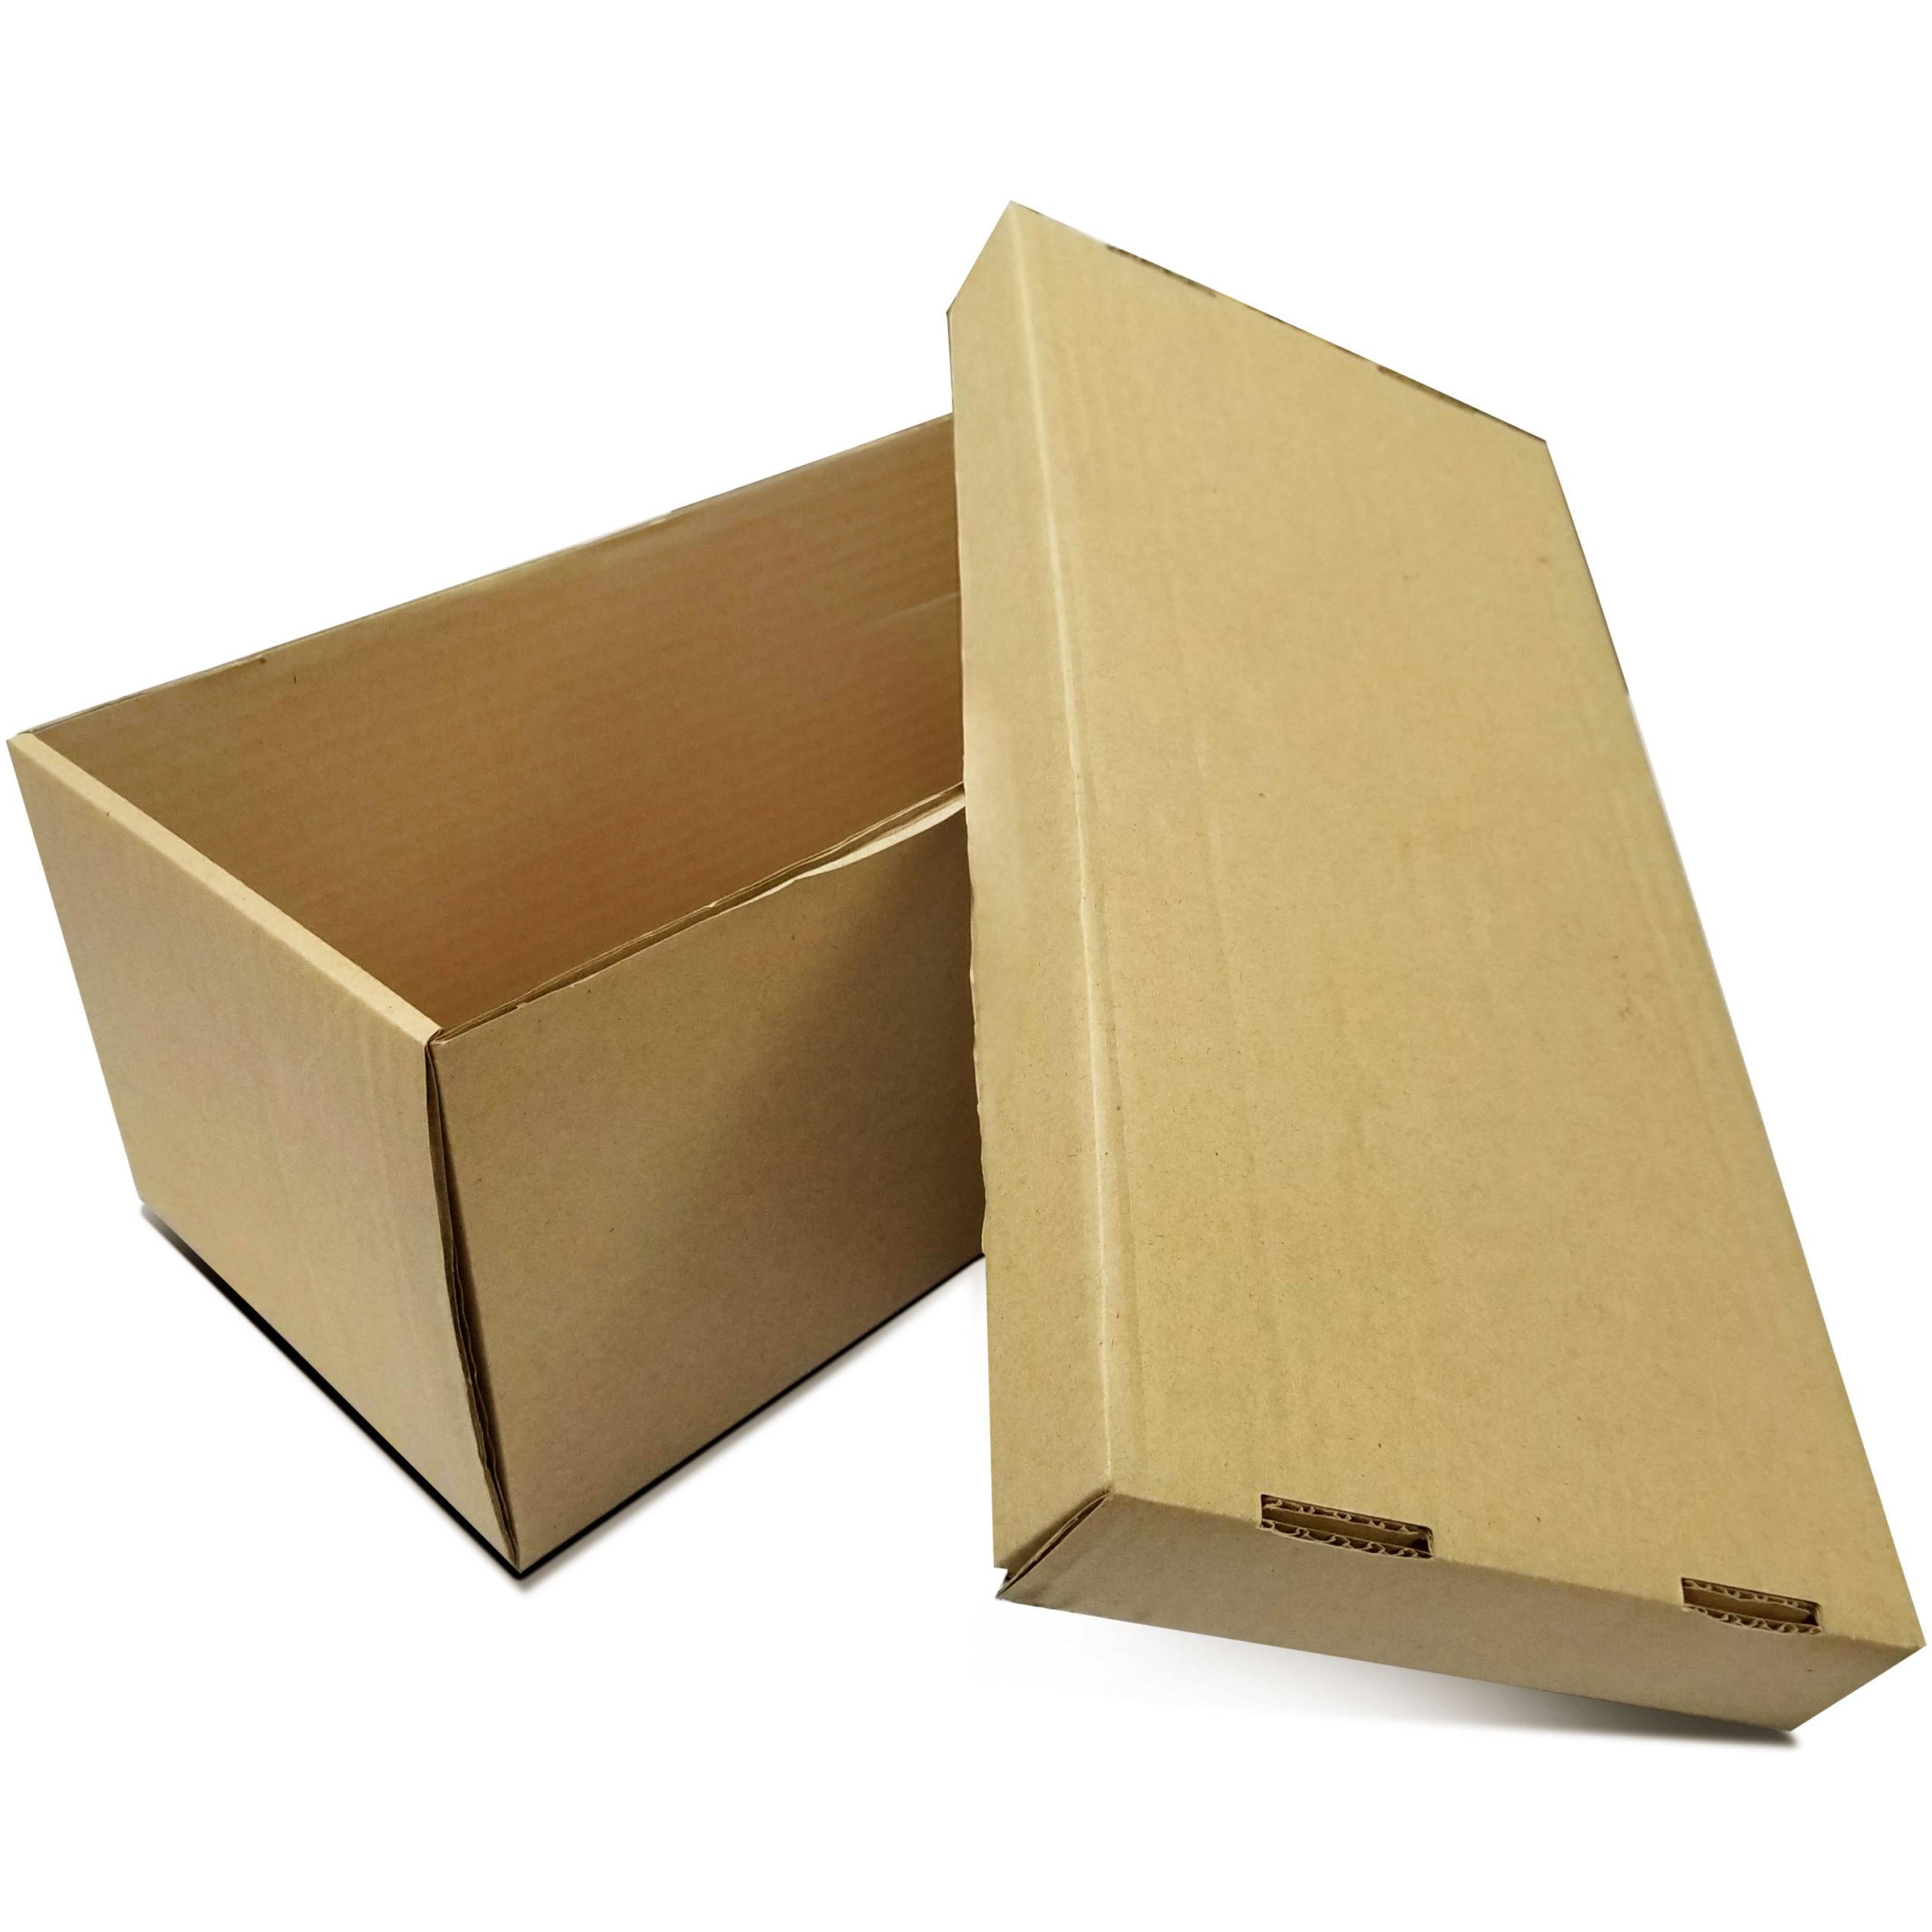 定製紙箱:各式紙箱項目 - SPLENDID-興彩紙品